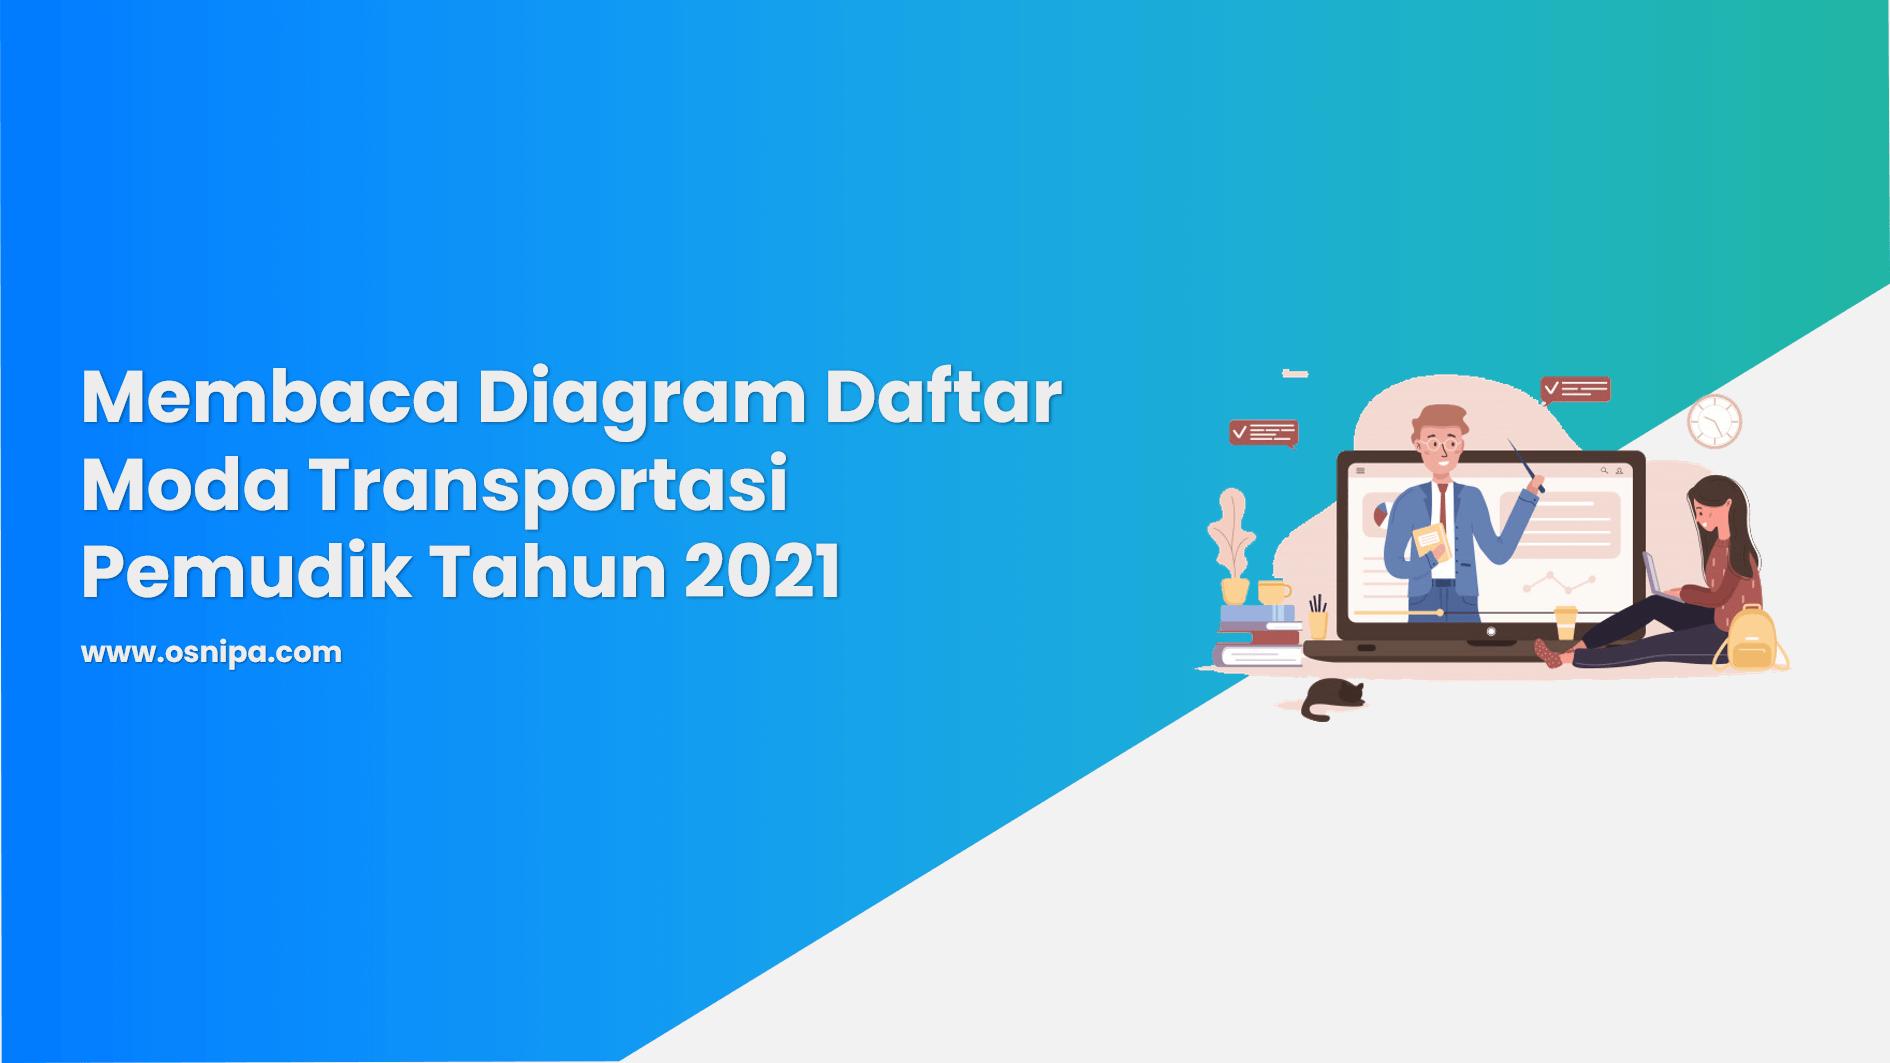 Membaca Diagram Daftar Moda Transportasi Pemudik Tahun 2021